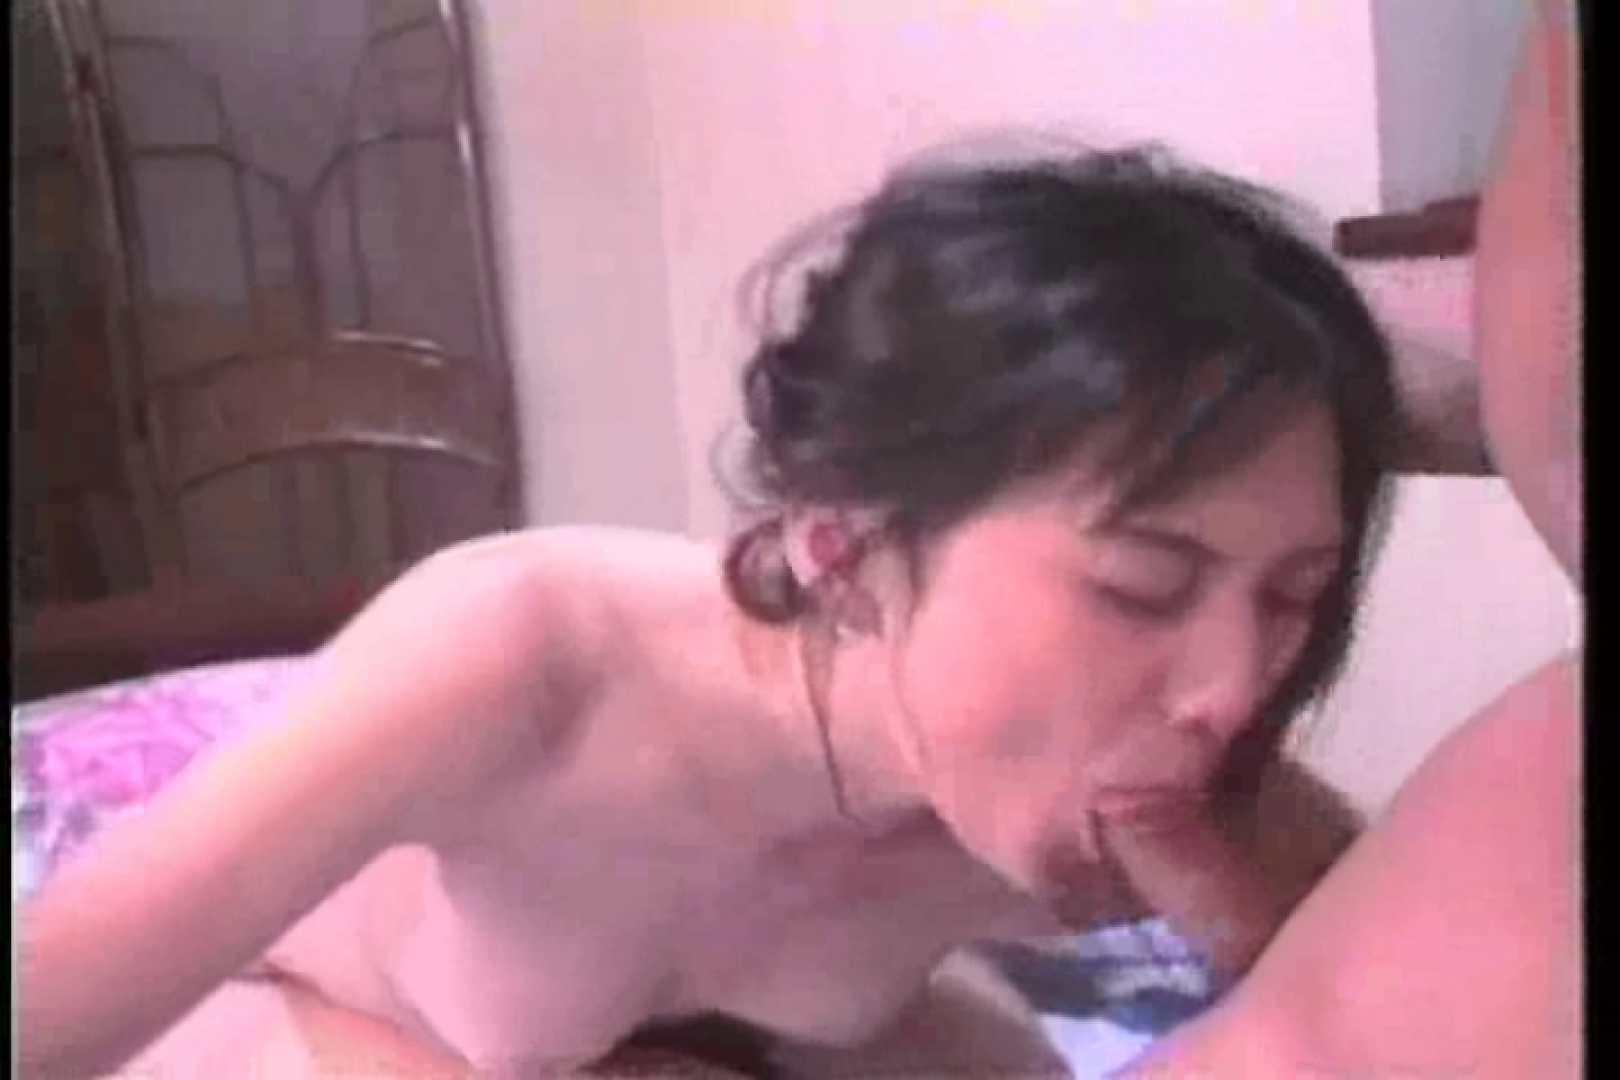 素人嬢126人のハメ撮り 中条理沙 オナニー 盗撮画像 109pic 3